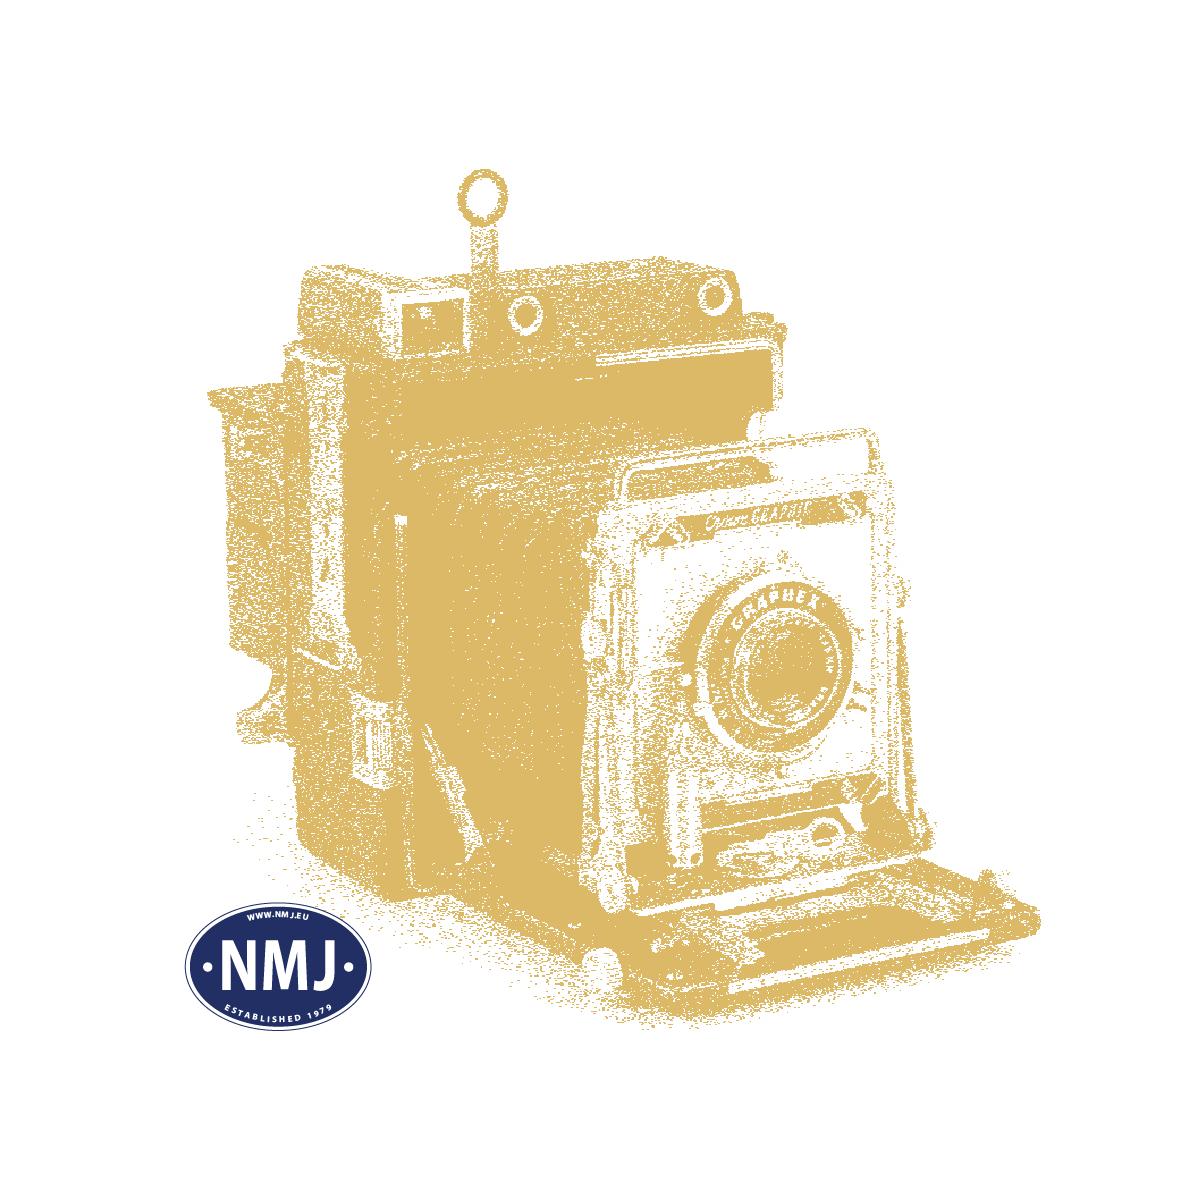 NOC07004 - XL Gresstuster, 12 mm, Grønn og Beige